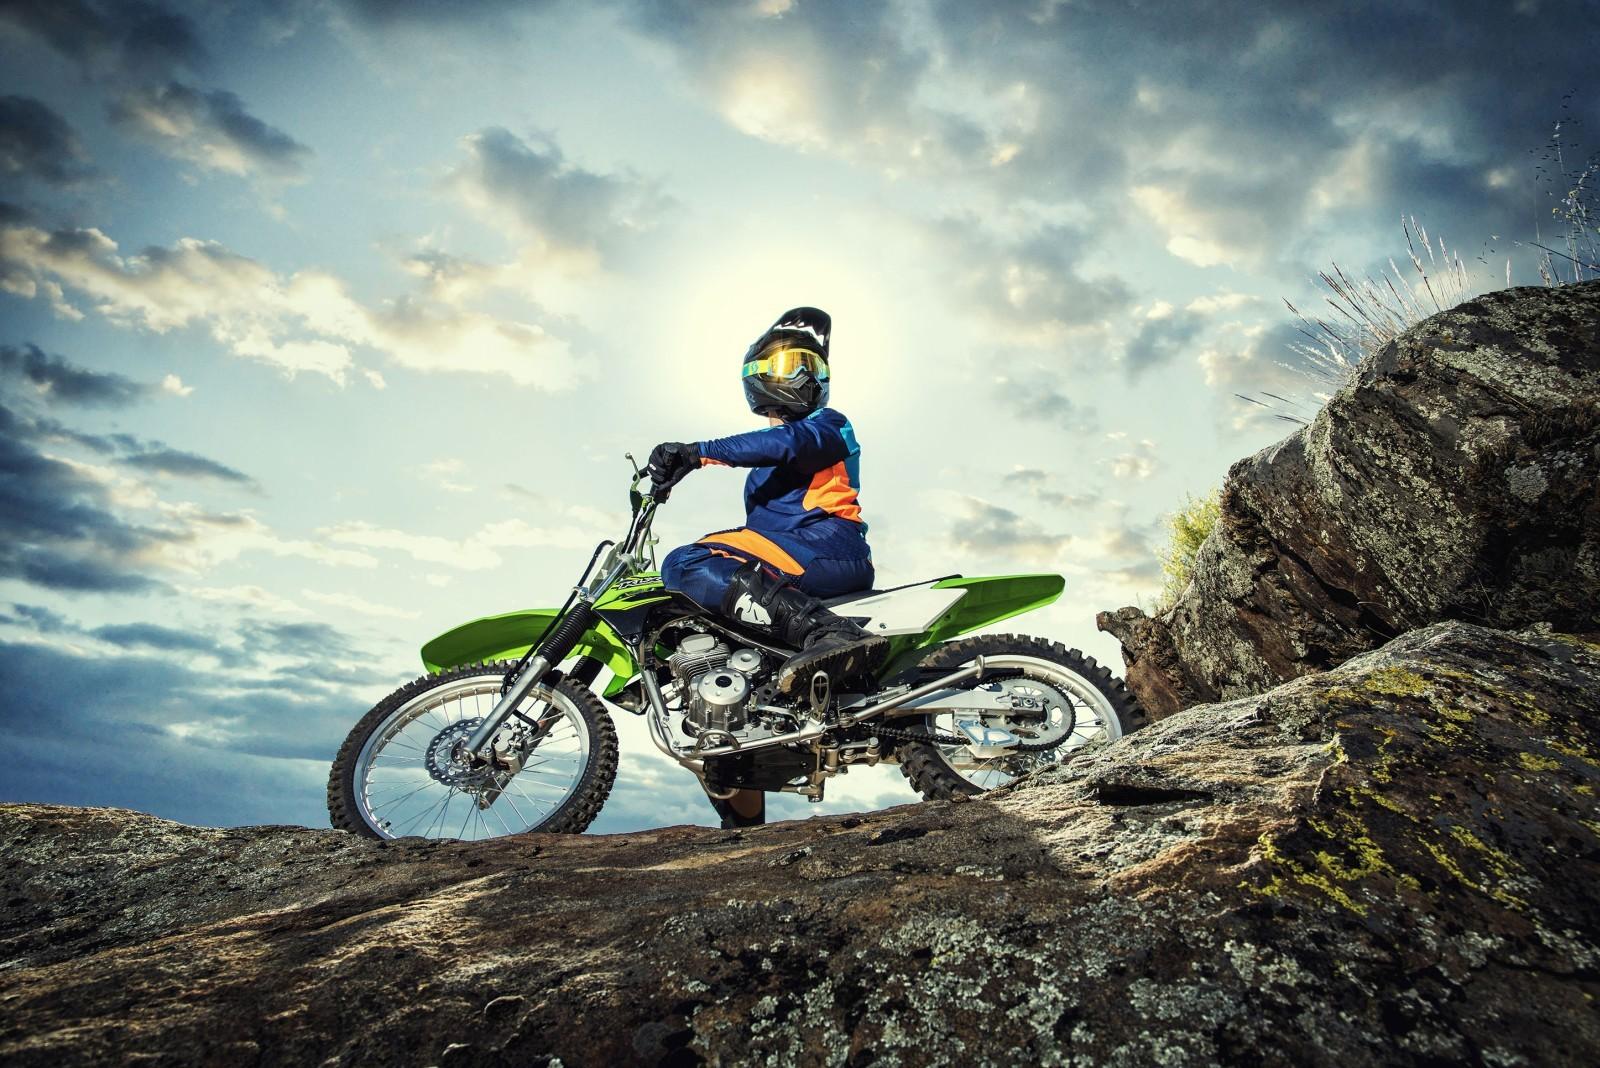 Kawasaki-KLX140-Official-Photographs-8